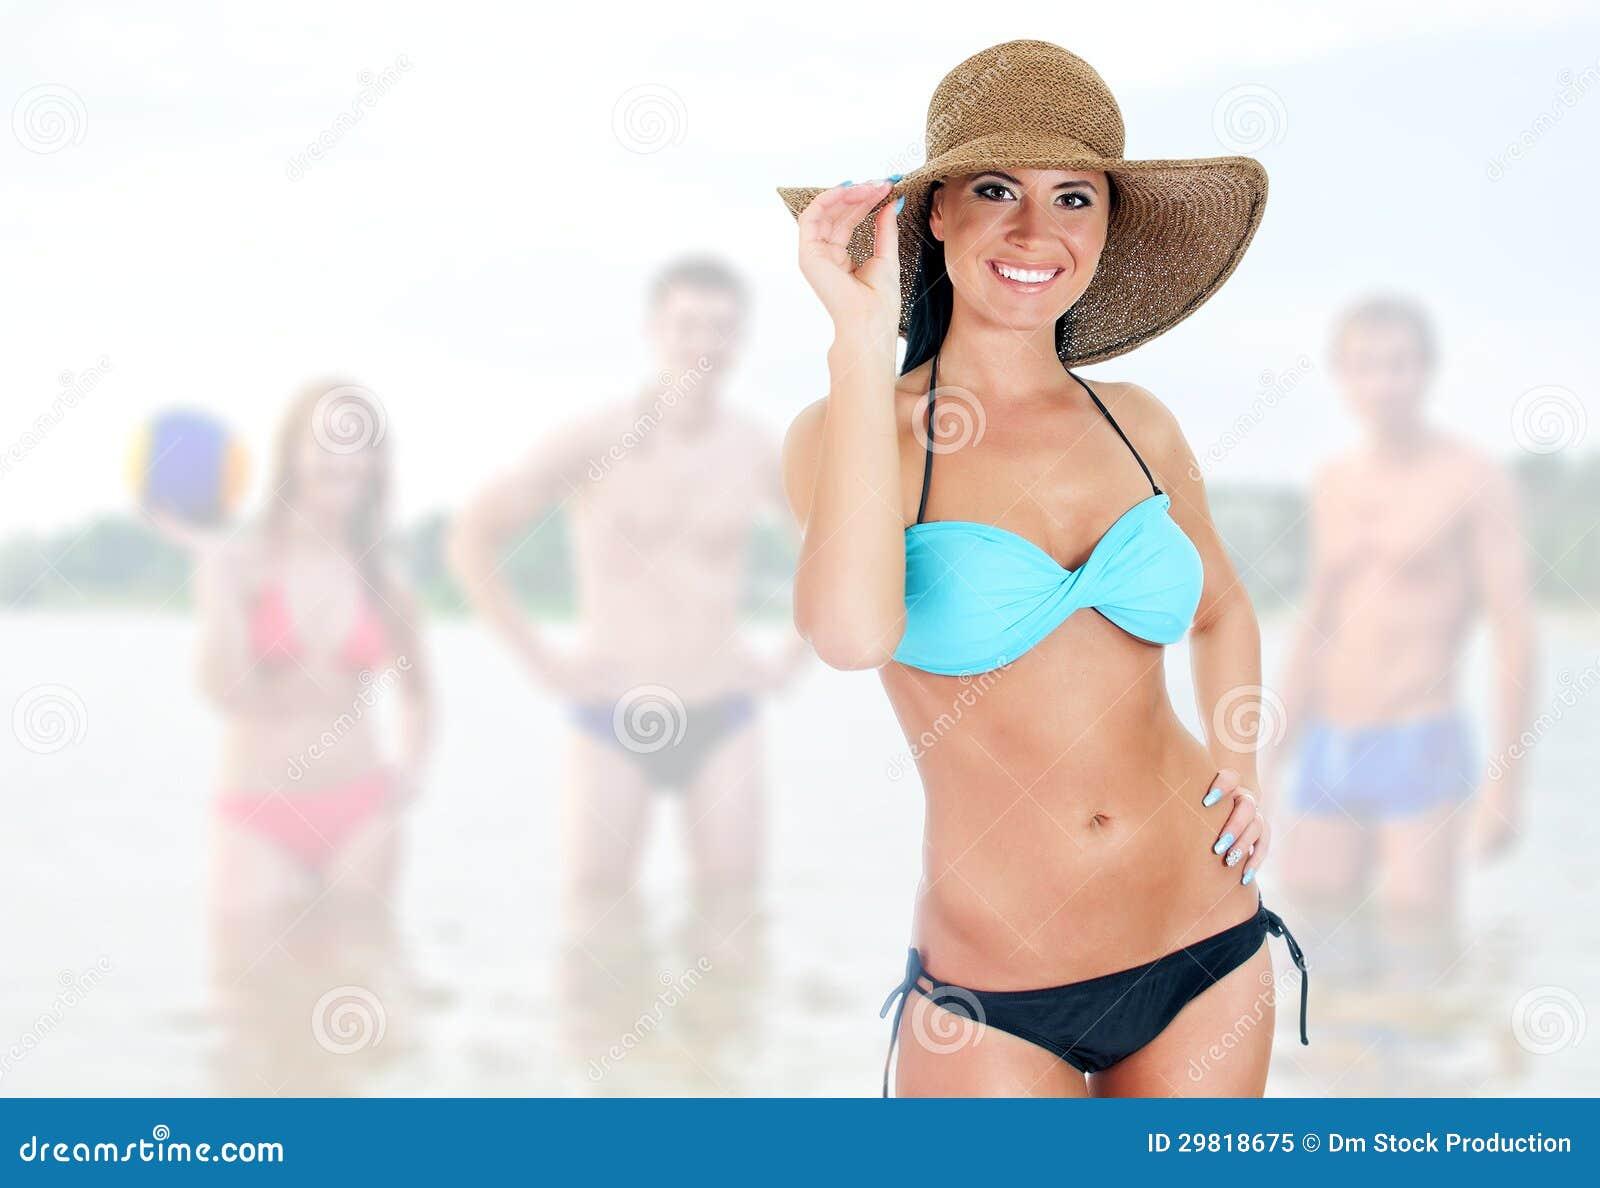 neuken in nl mooie vrouwen in bikini